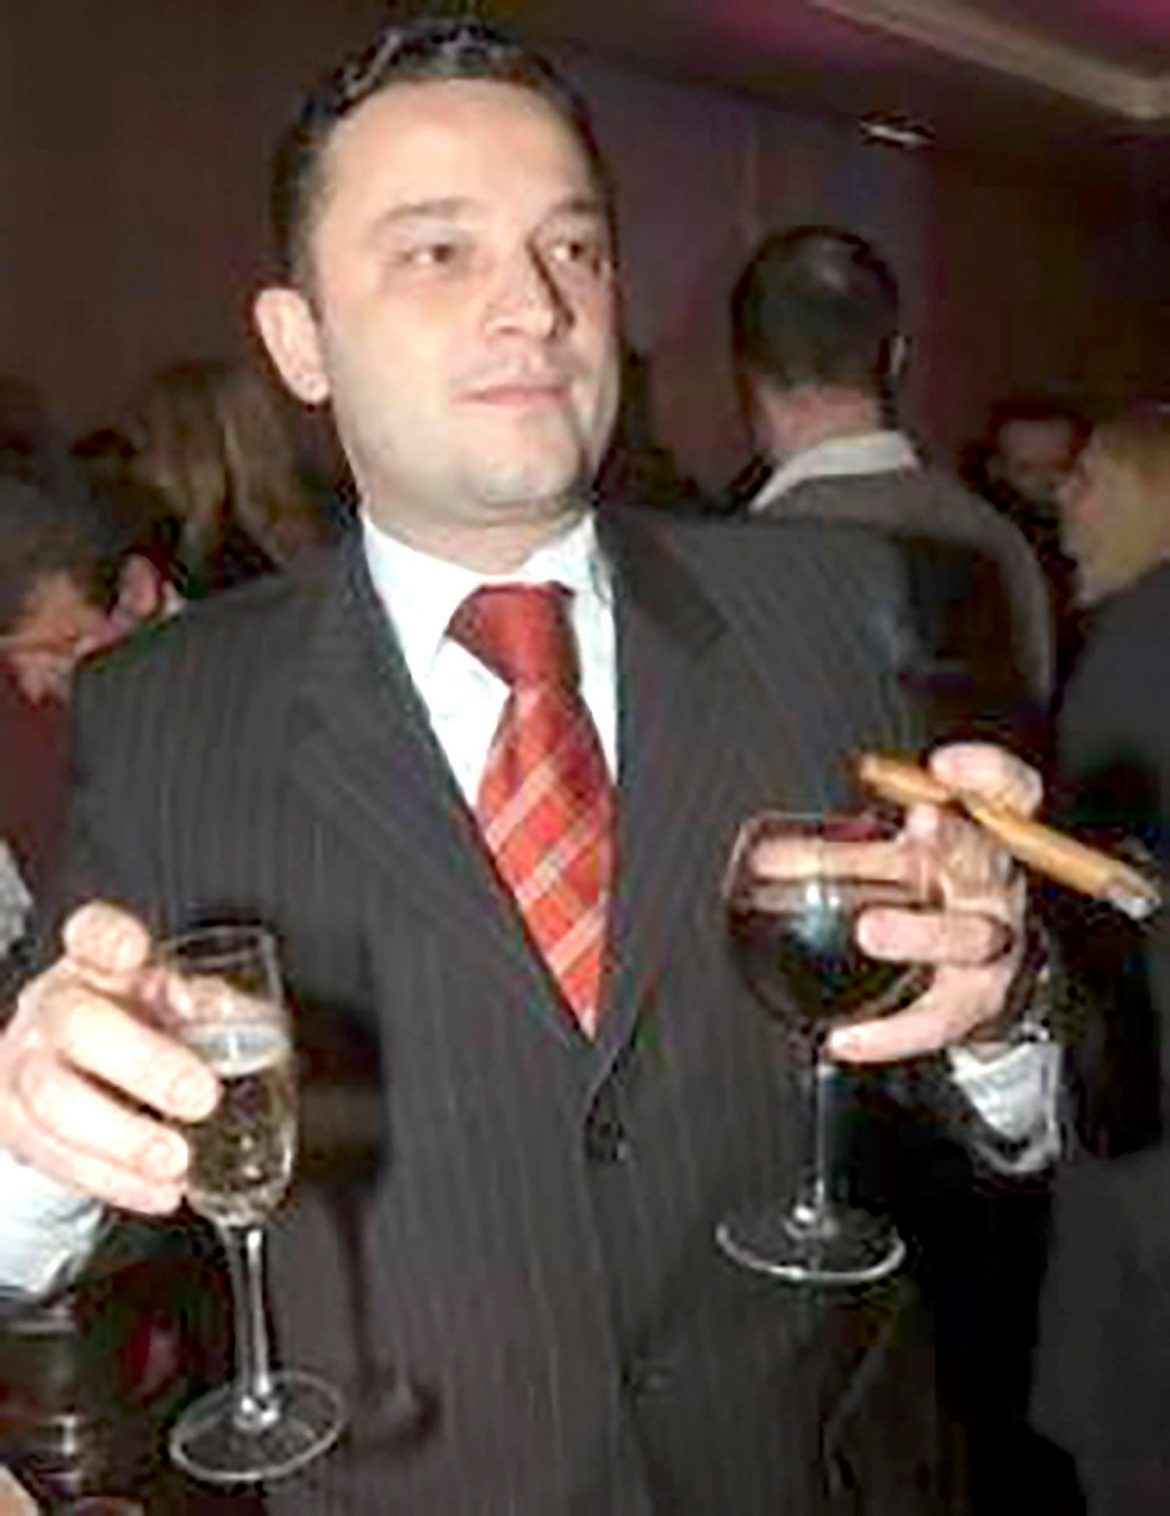 Makedonski biznismen Jordan Kamčev odveden u istražni zatvor